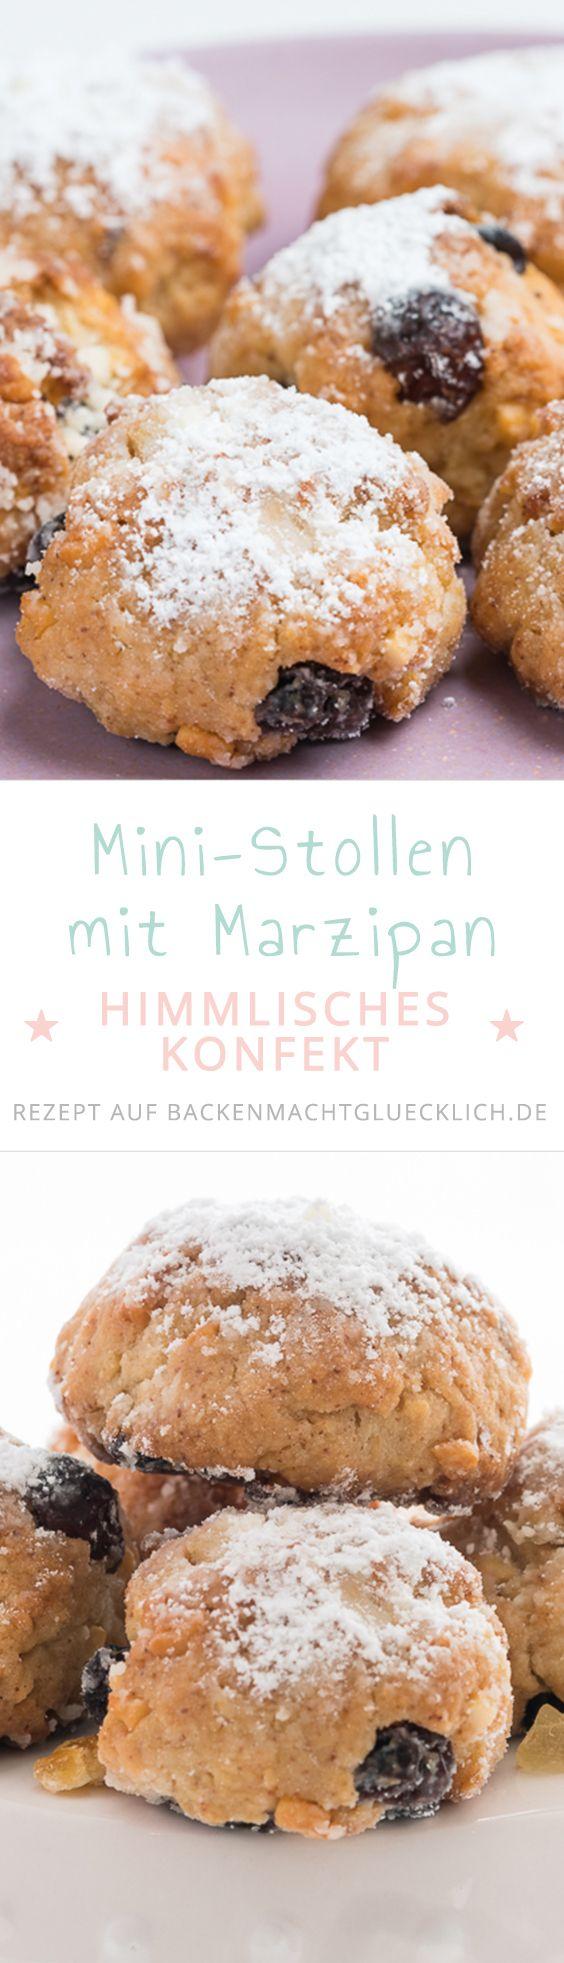 Klassiker im Miniformat: Dieses himmlische Stollenkonfekt mit Marzipan schmeckt einfach köstlich. Mit einem Happs sind die Ministollen im Mund